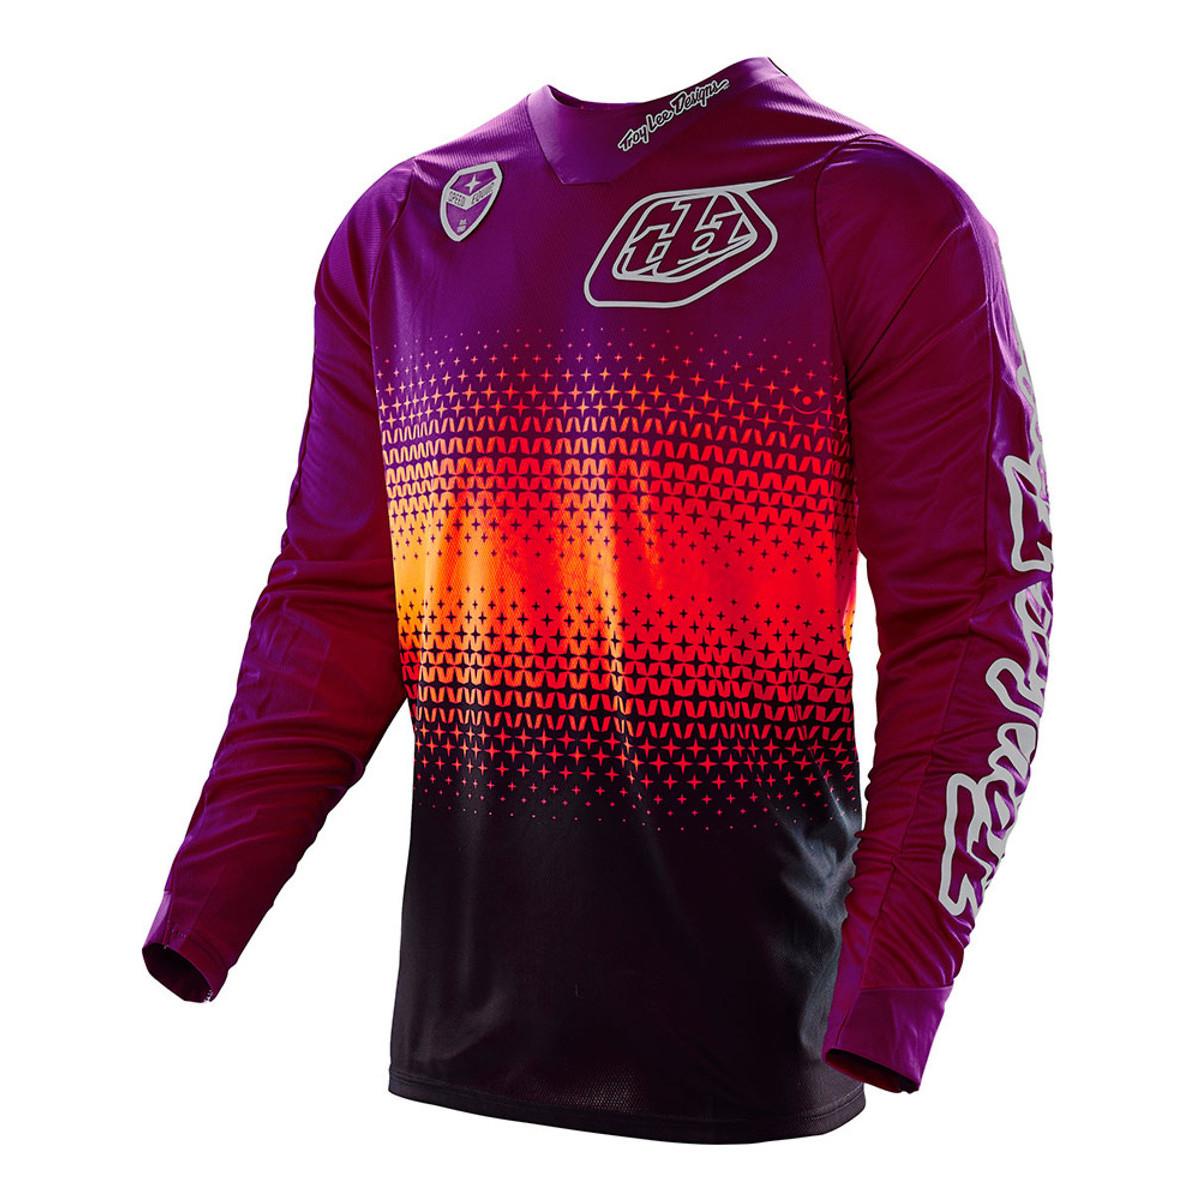 Troy Lee Designs SE Starburst Jersey Troy Lee Designs SE Starburst Black and Purple